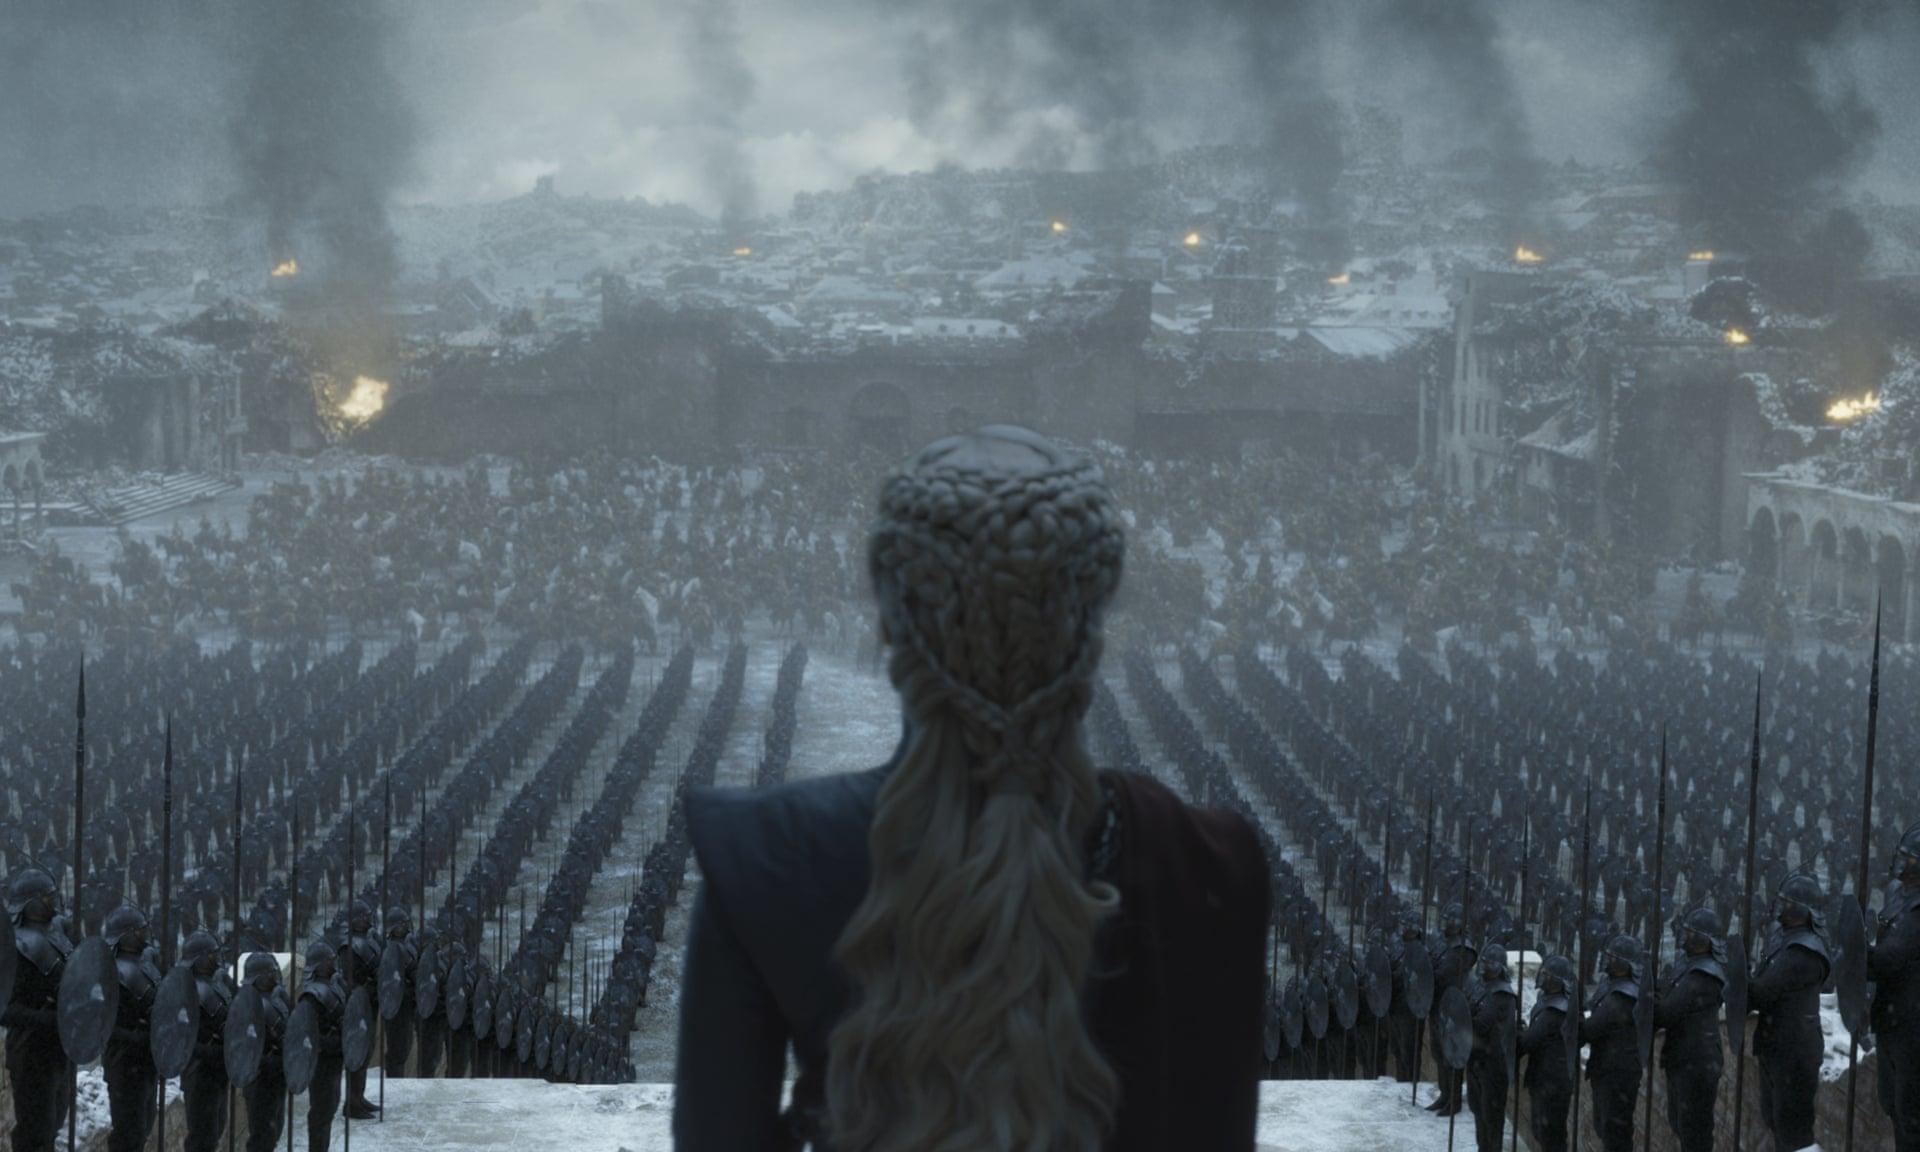 مشهد من الحلقة الأخيرة من مسلسل Game of Thrones